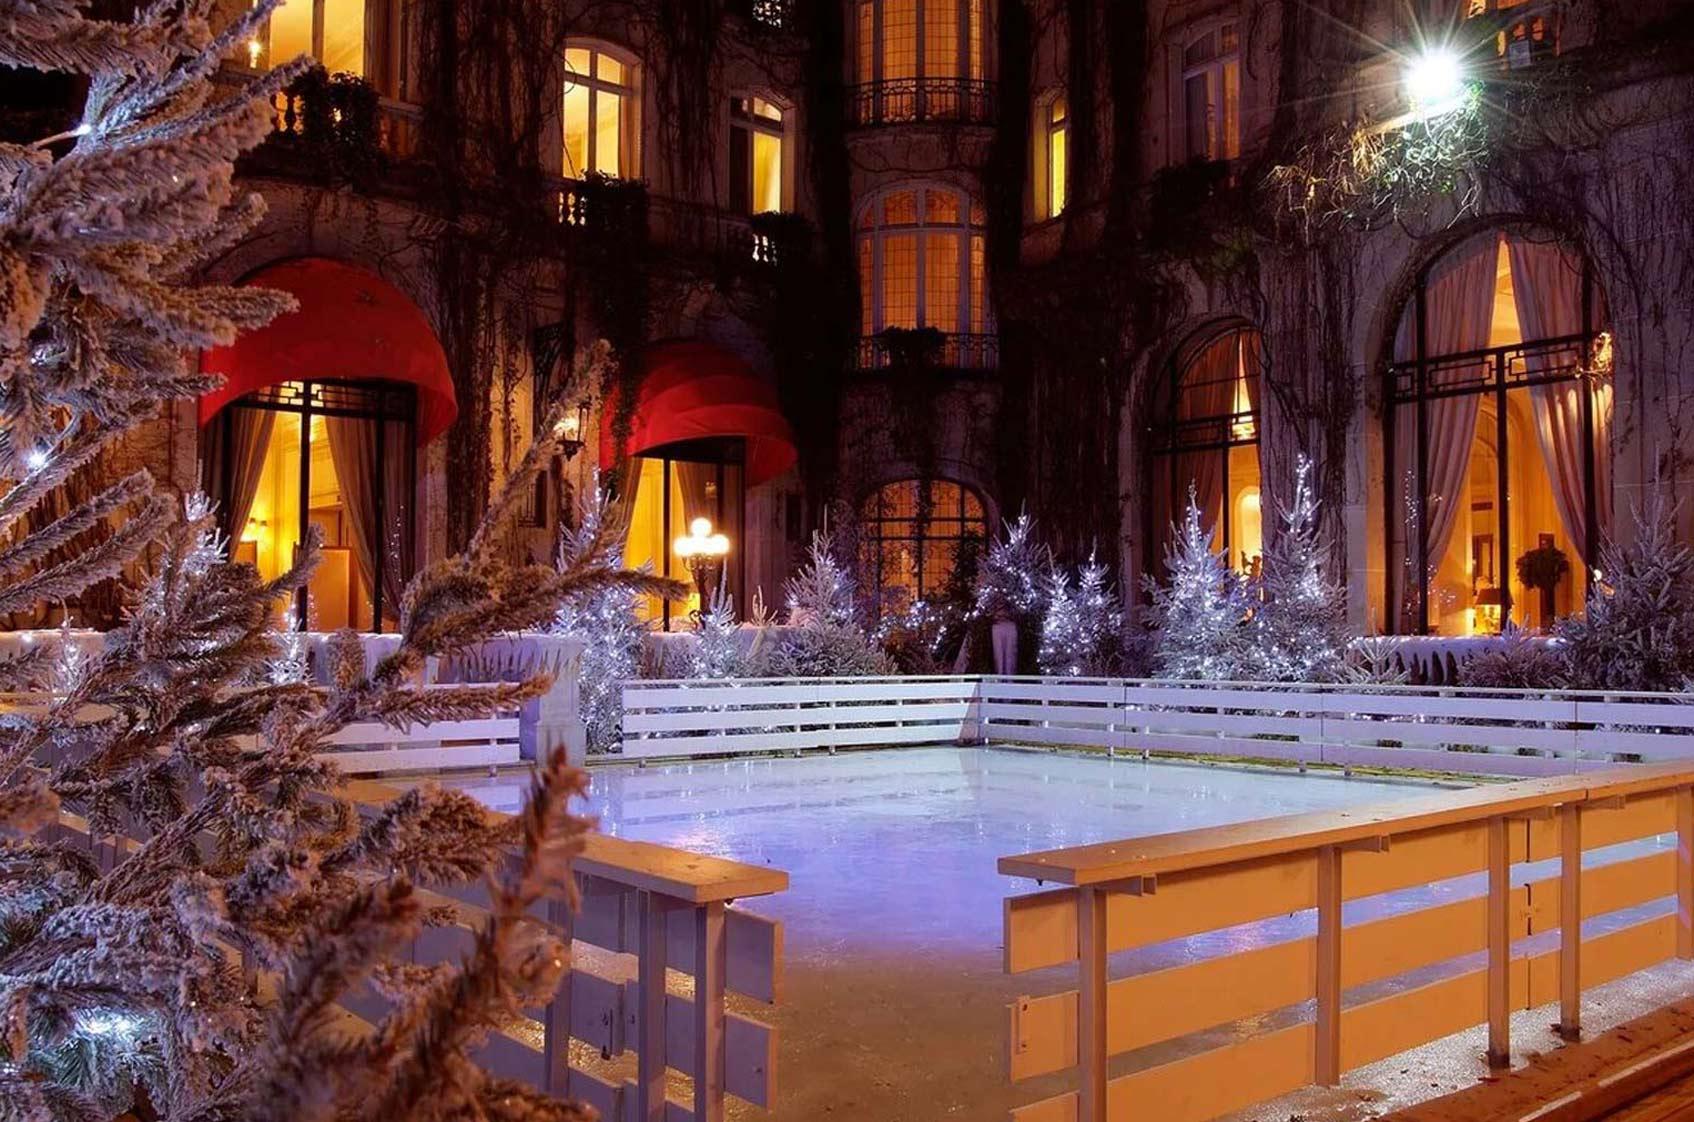 Hôtel Plaza Athénée париж каток